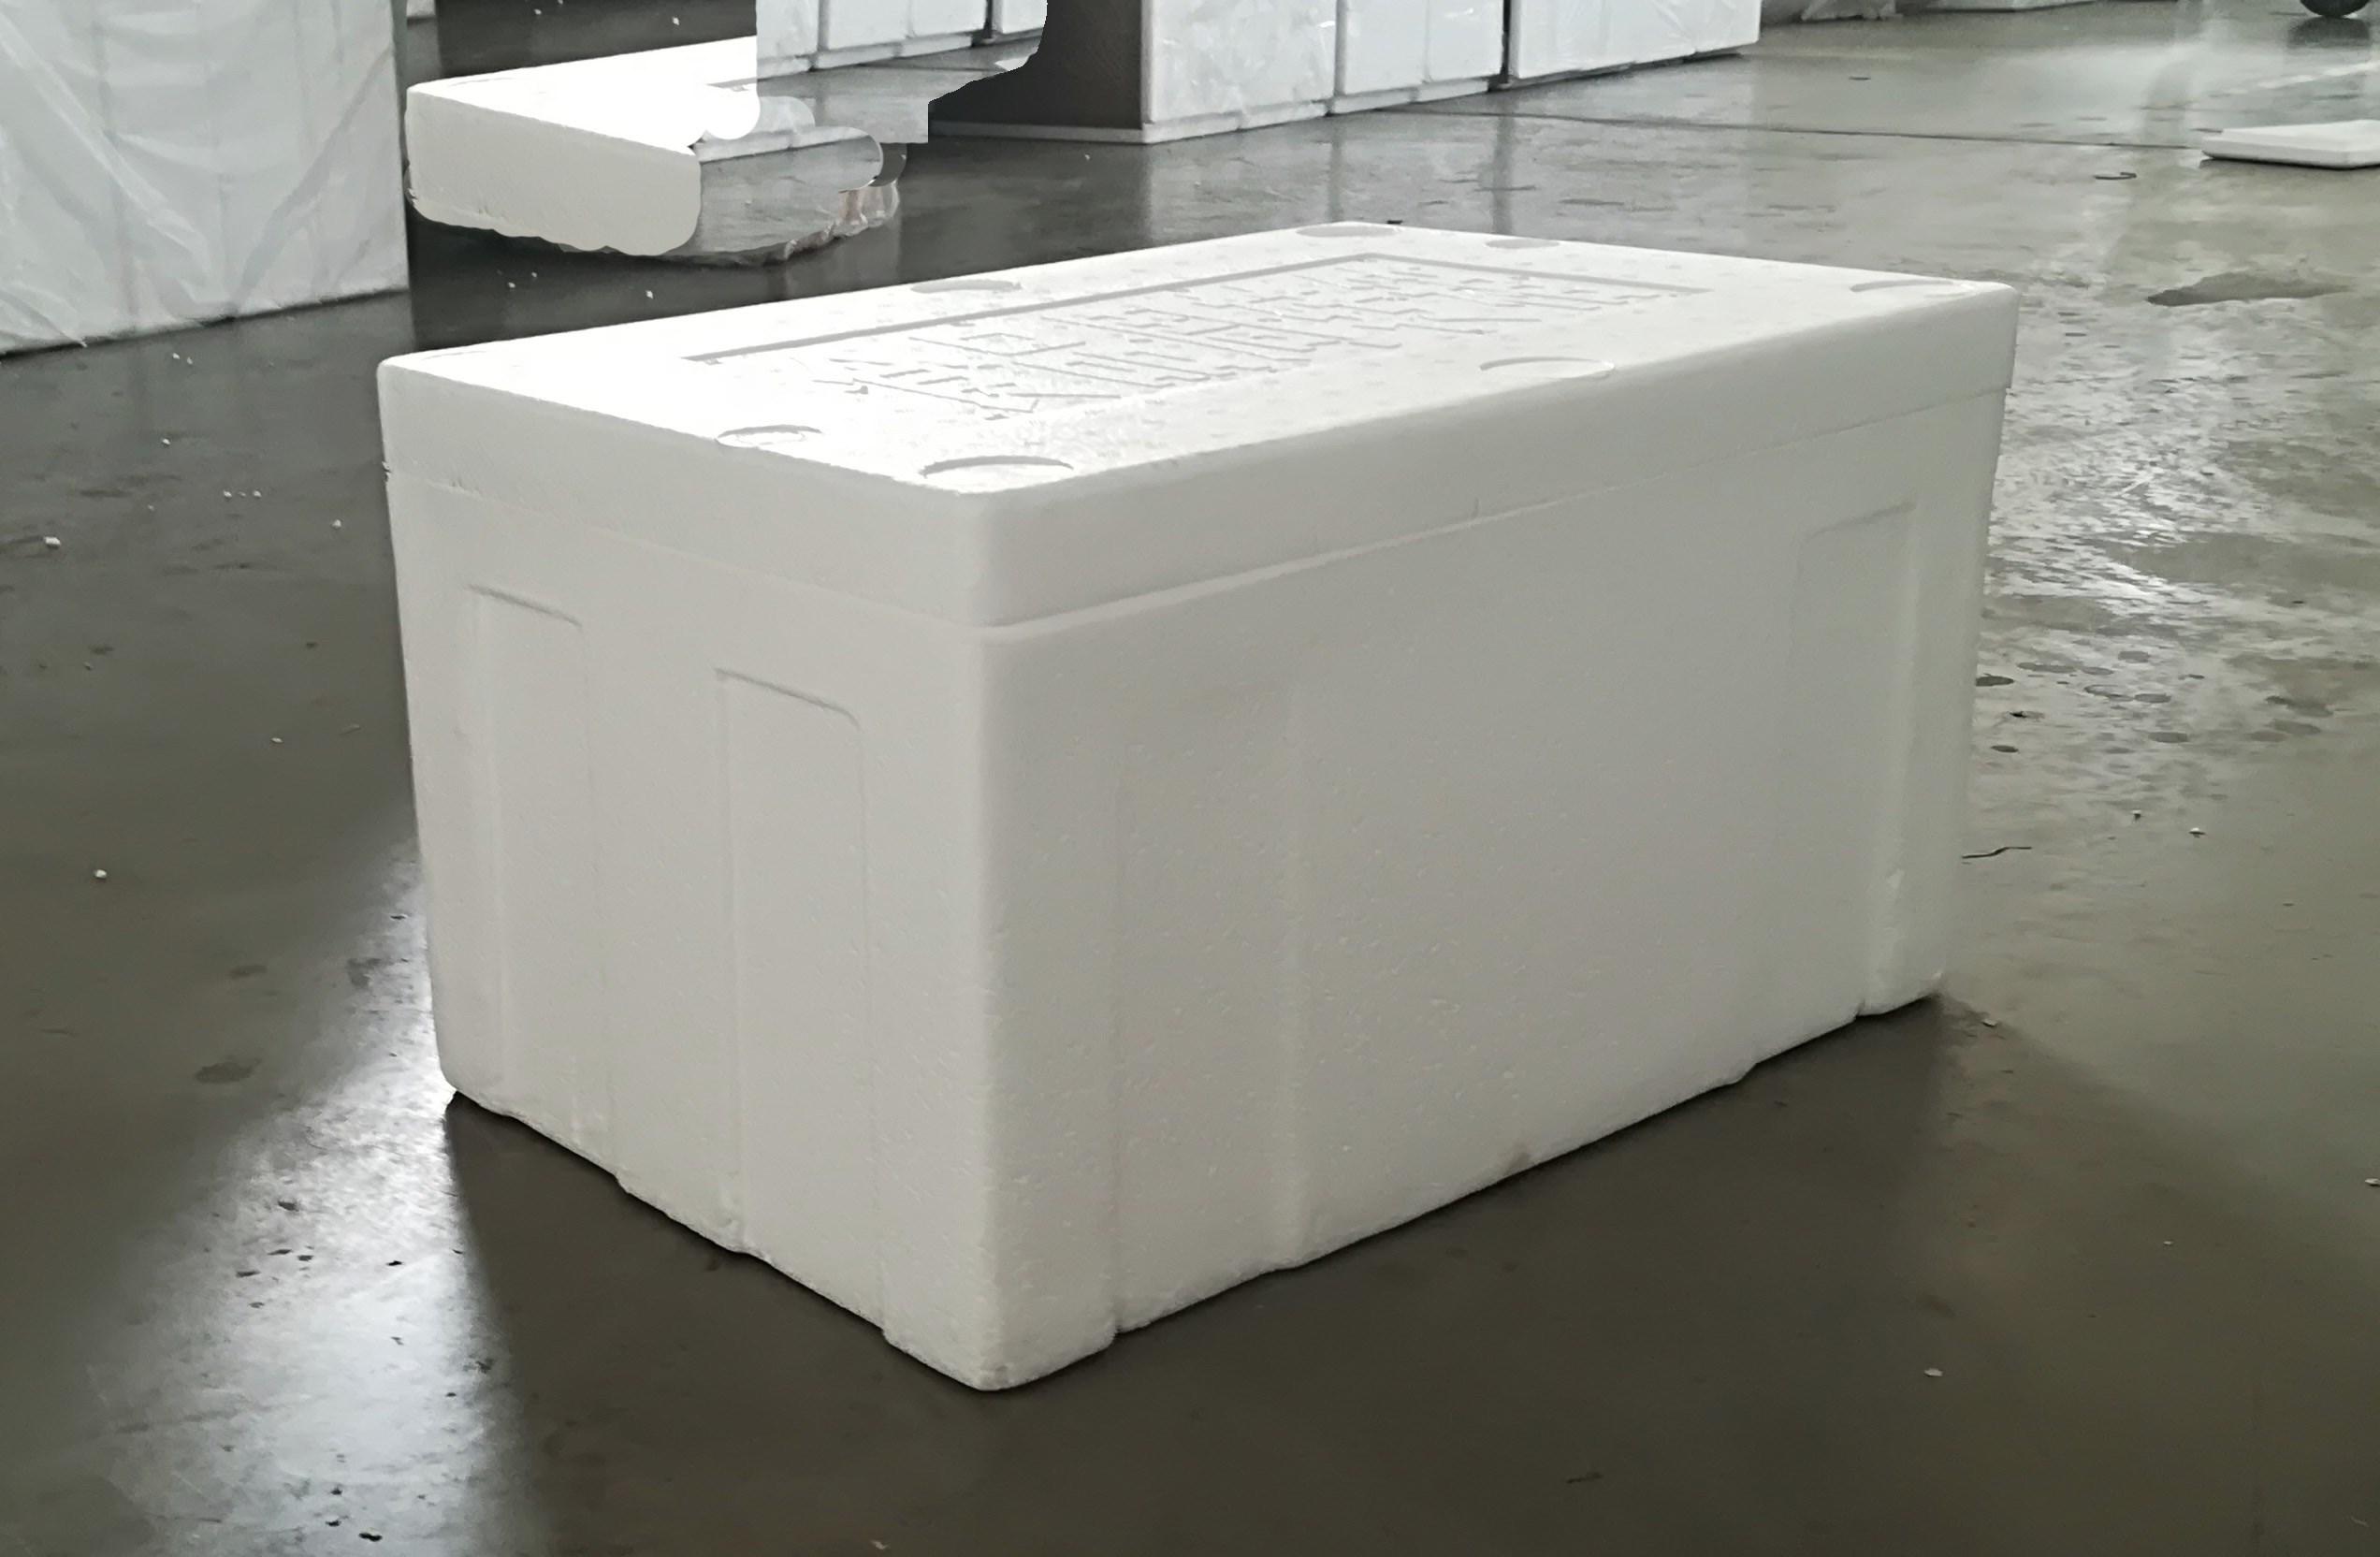 2号泡沫箱特大号包邮 生鲜肉类海鲜食品级保温箱种花种菜流浪猫窝